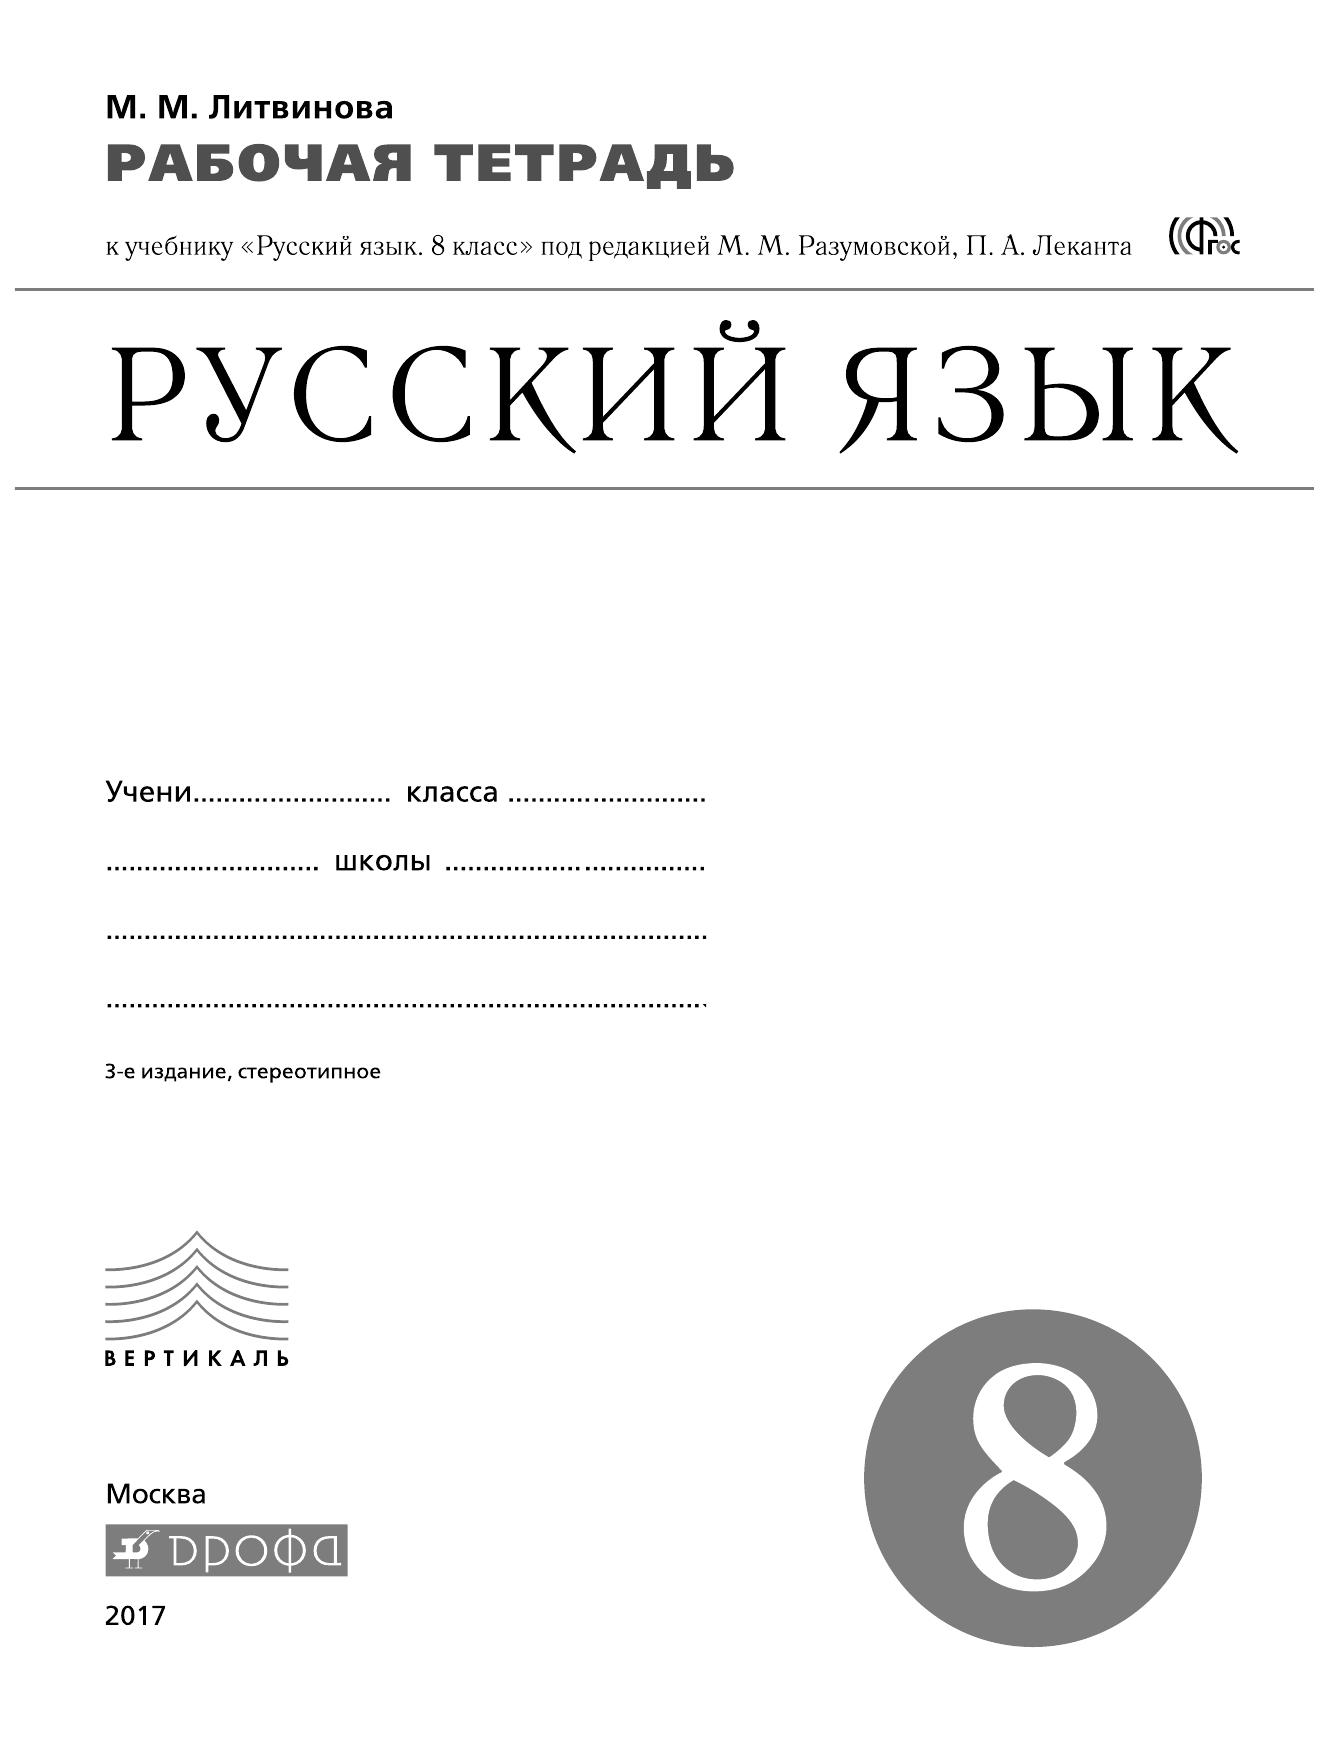 гдз по русский язык 7 класс разумовская леканта 2018